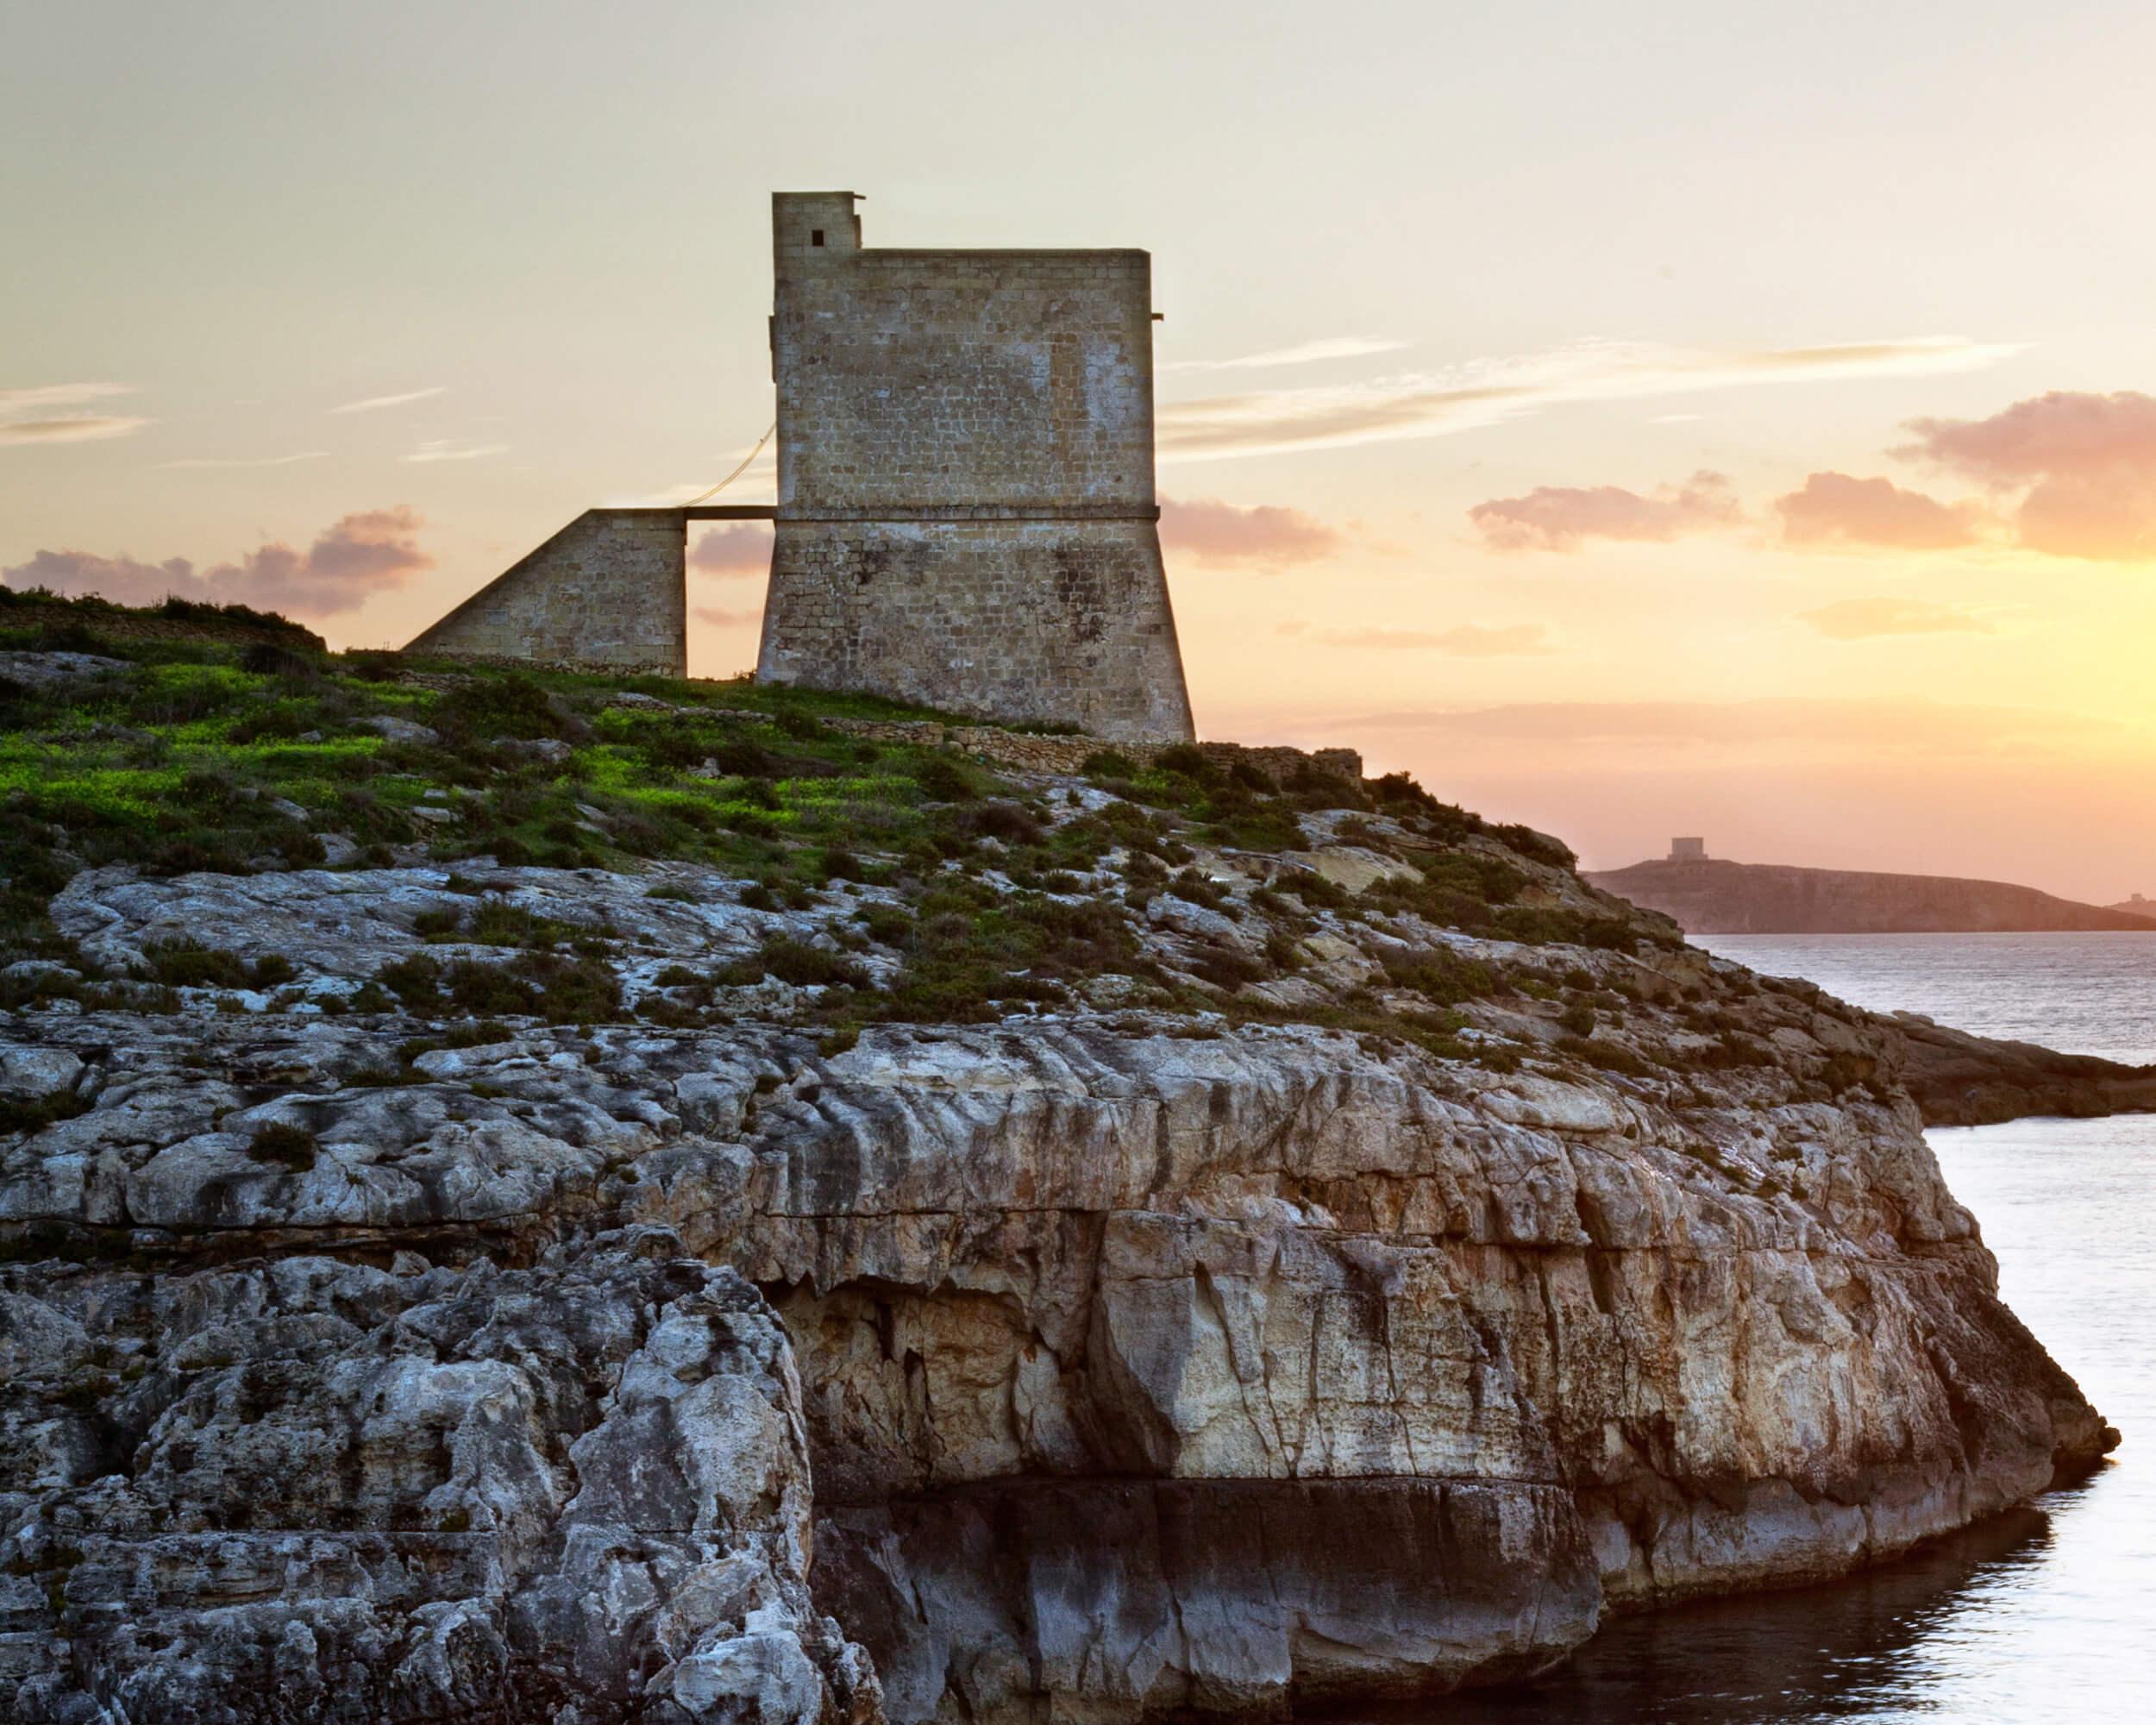 Mġarr ix-Xini Tower